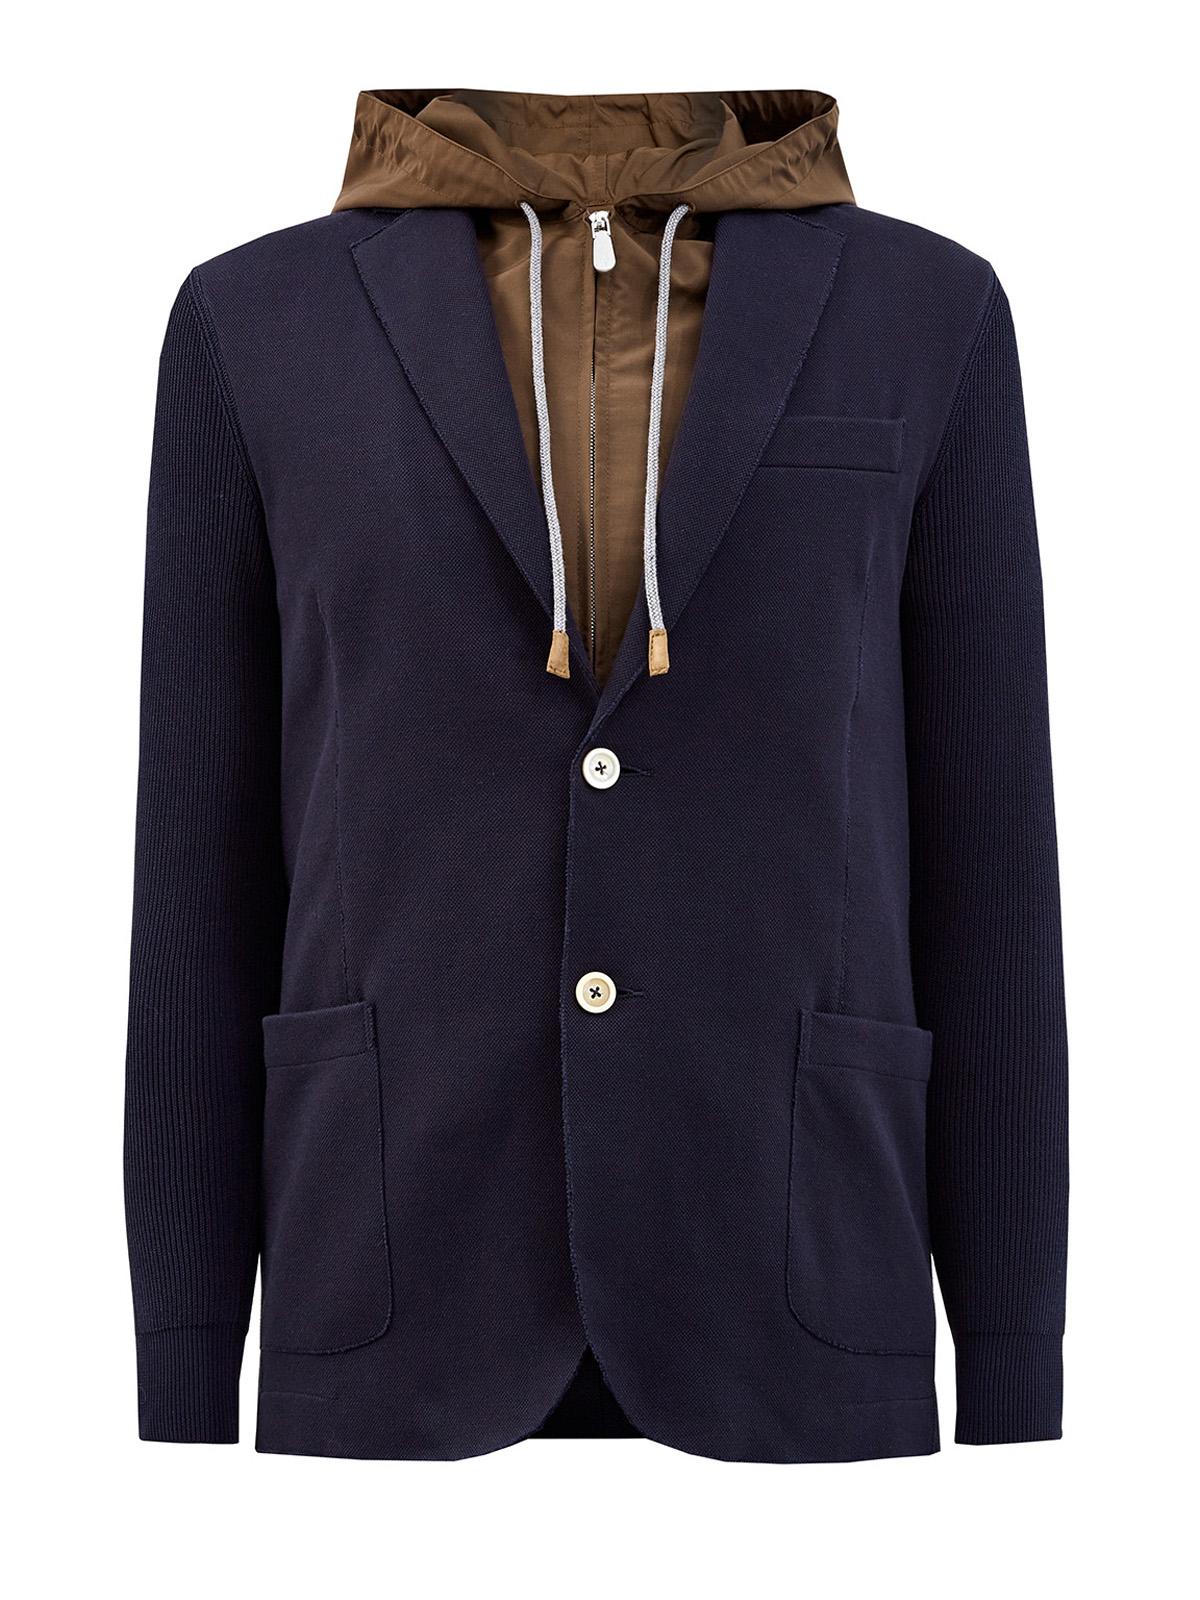 Комбинированный пиджак из хлопка и матового нейлона